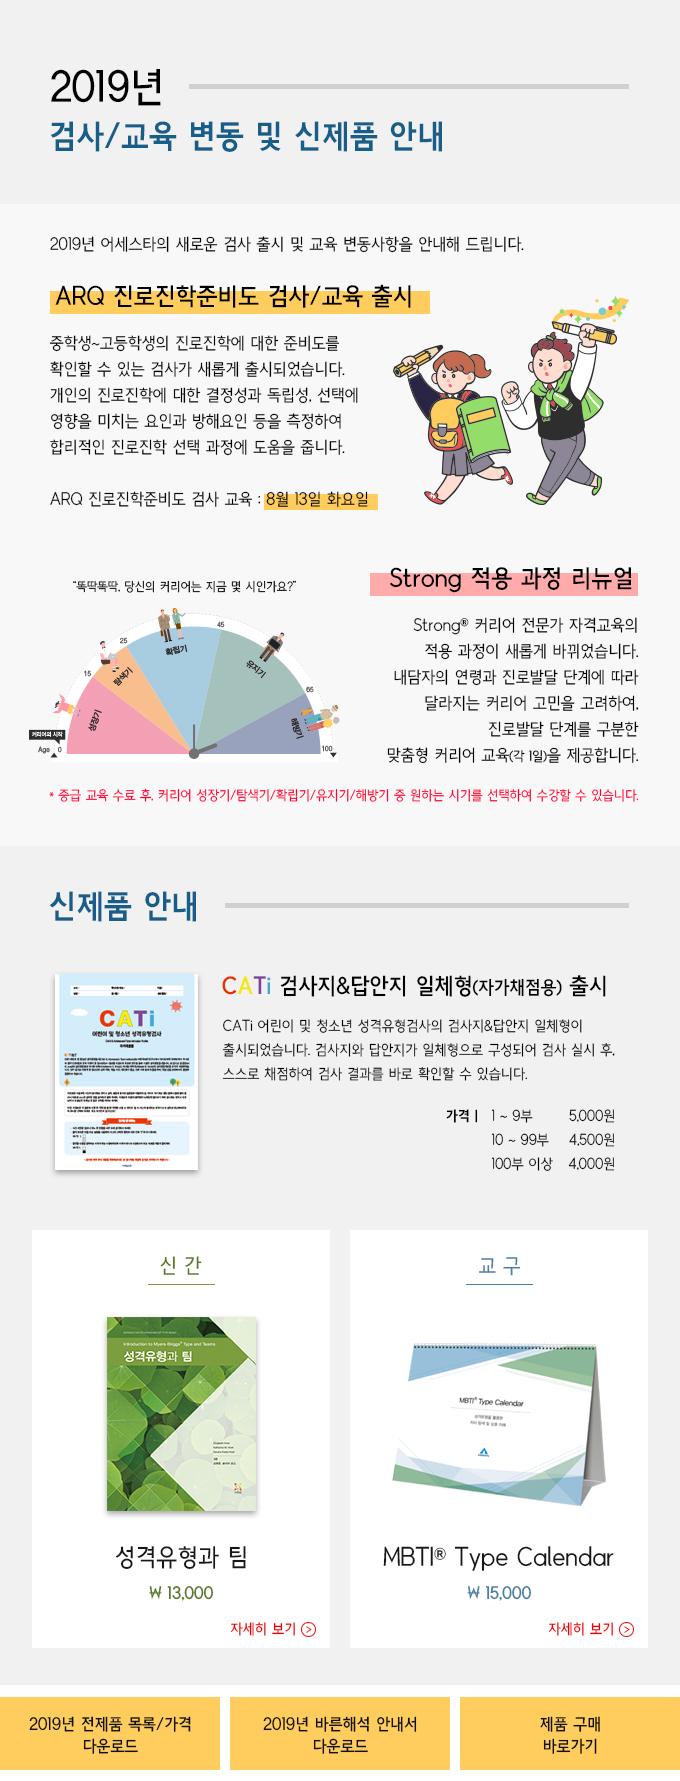 어세스타, 2019년 검사/교육 변동 및 신제품 안내